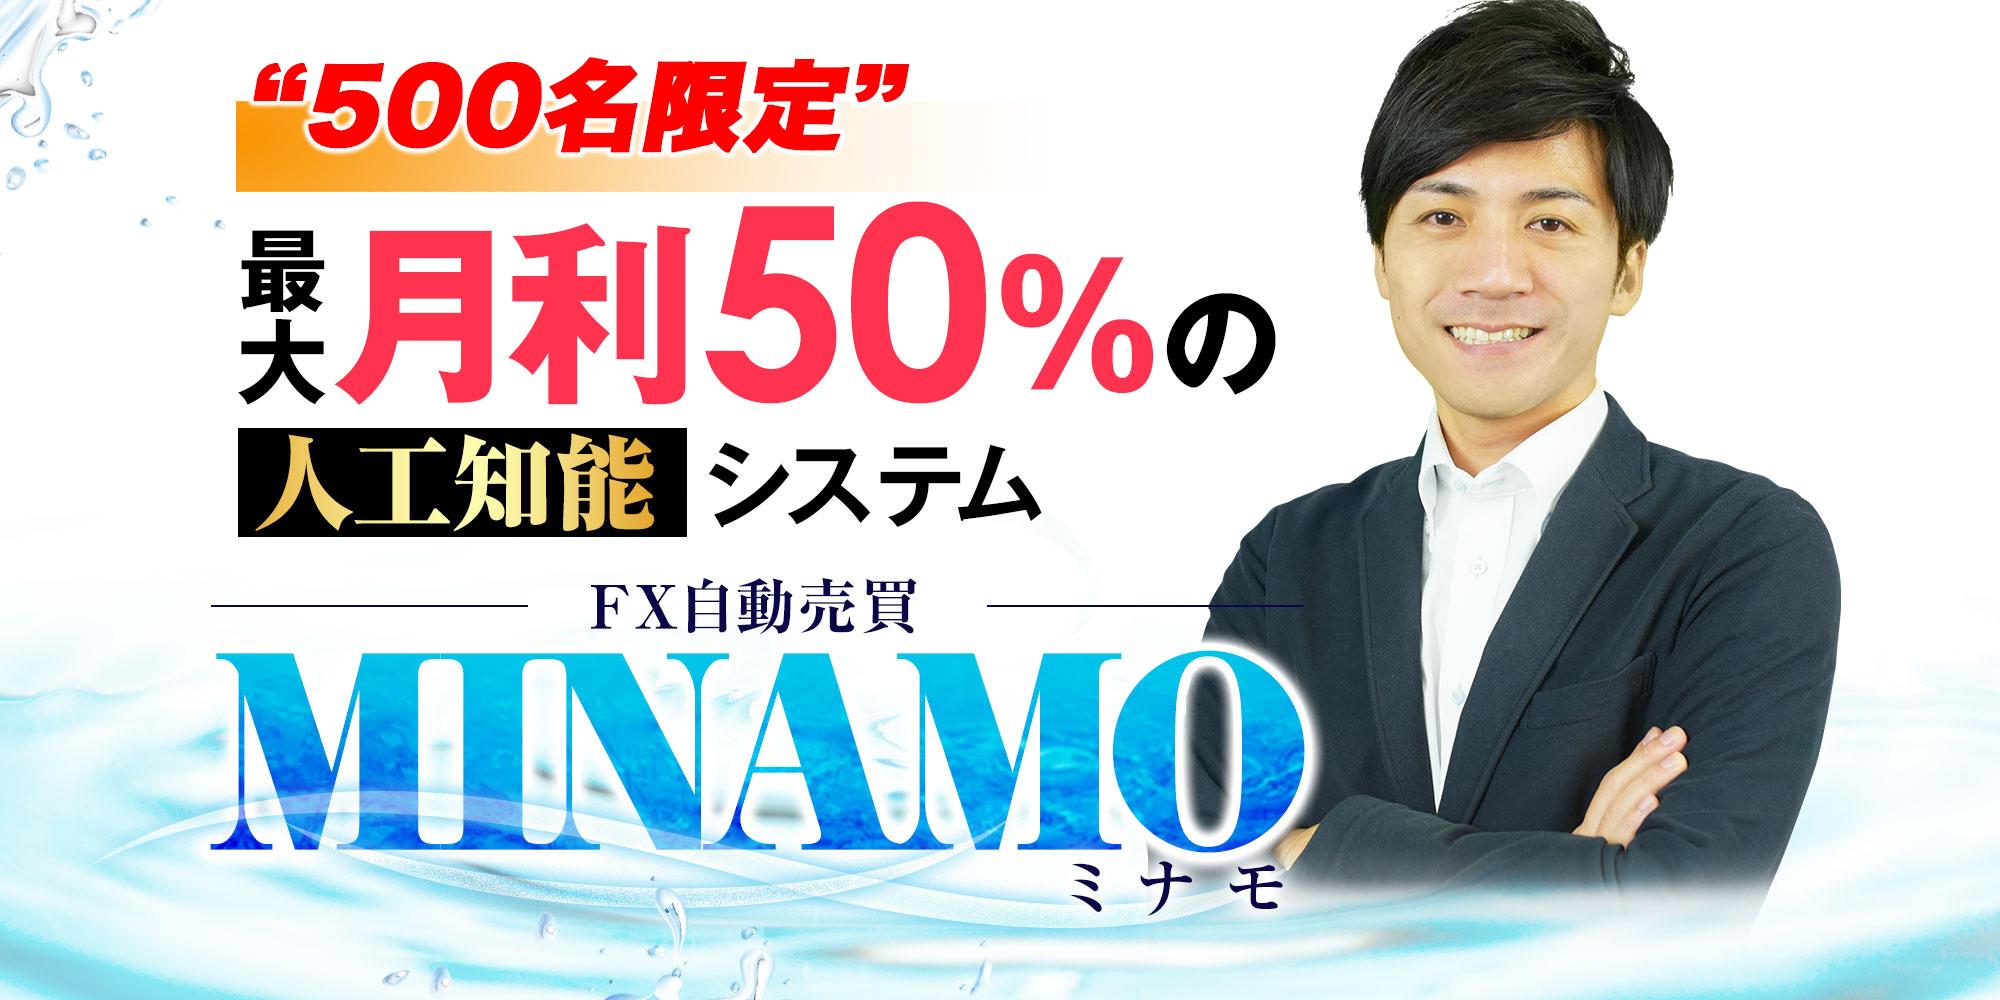 引用:FX自動売買MINAMO